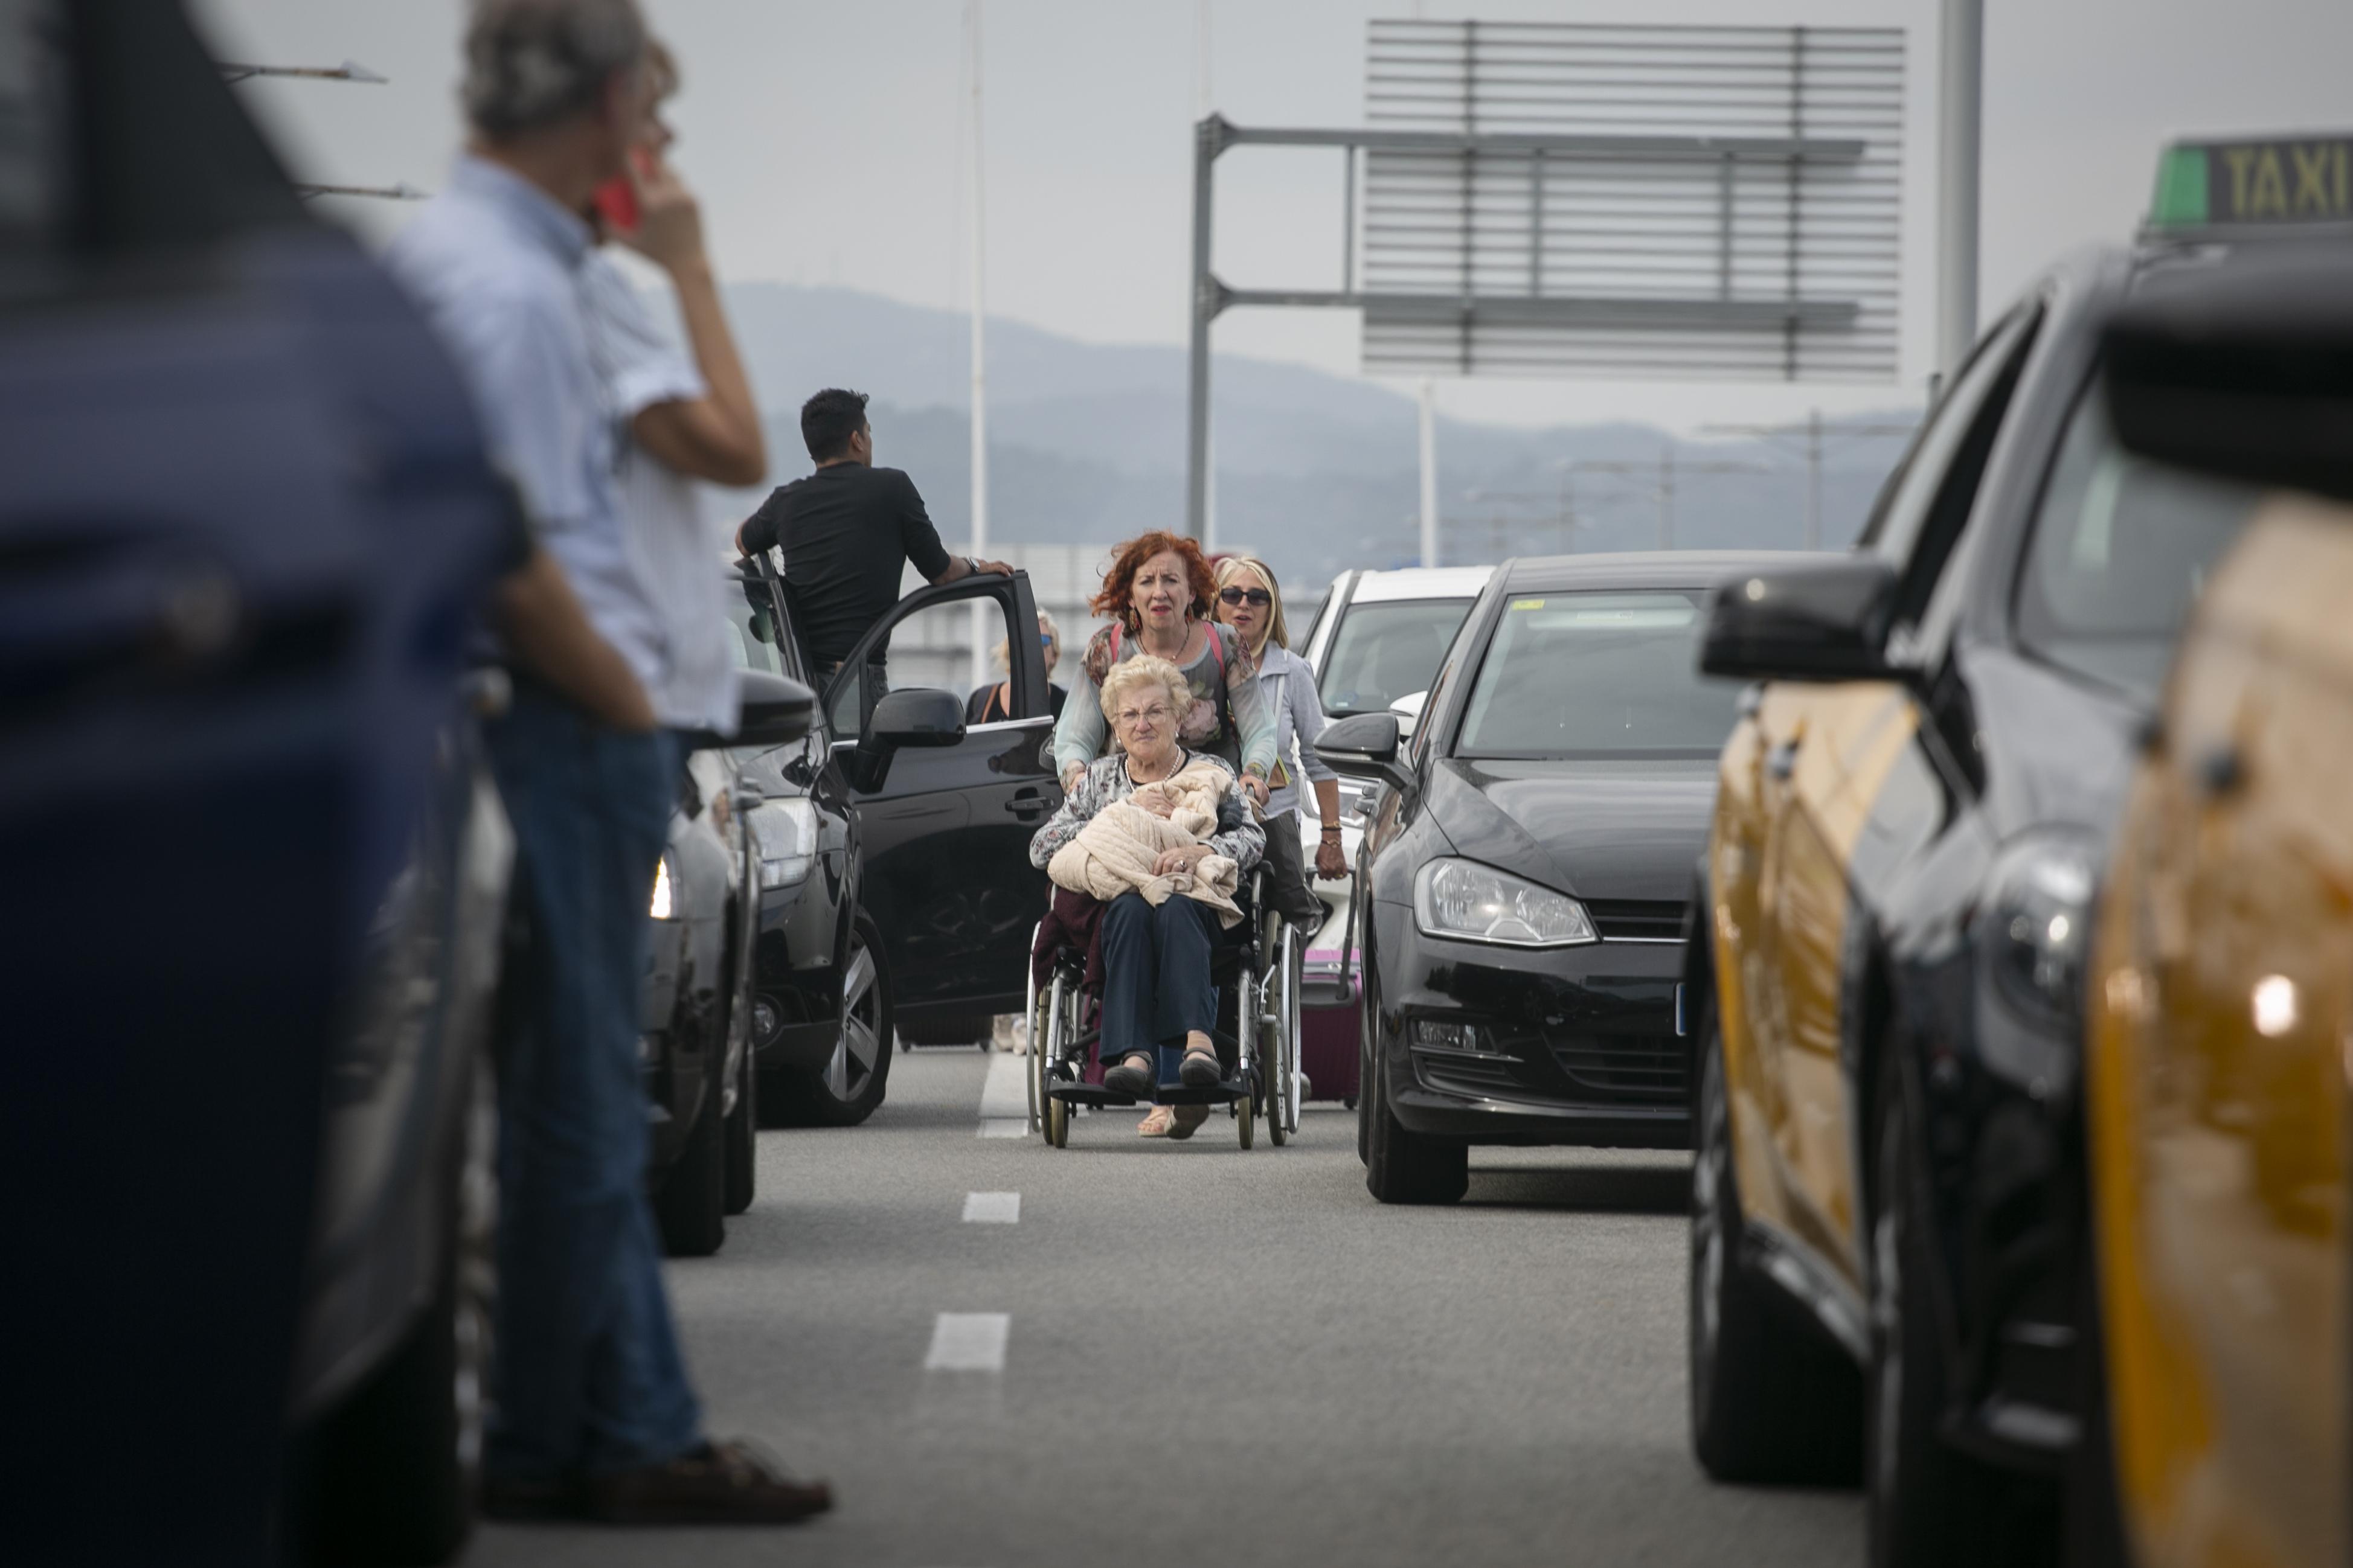 Sentencia_Aeroport_009